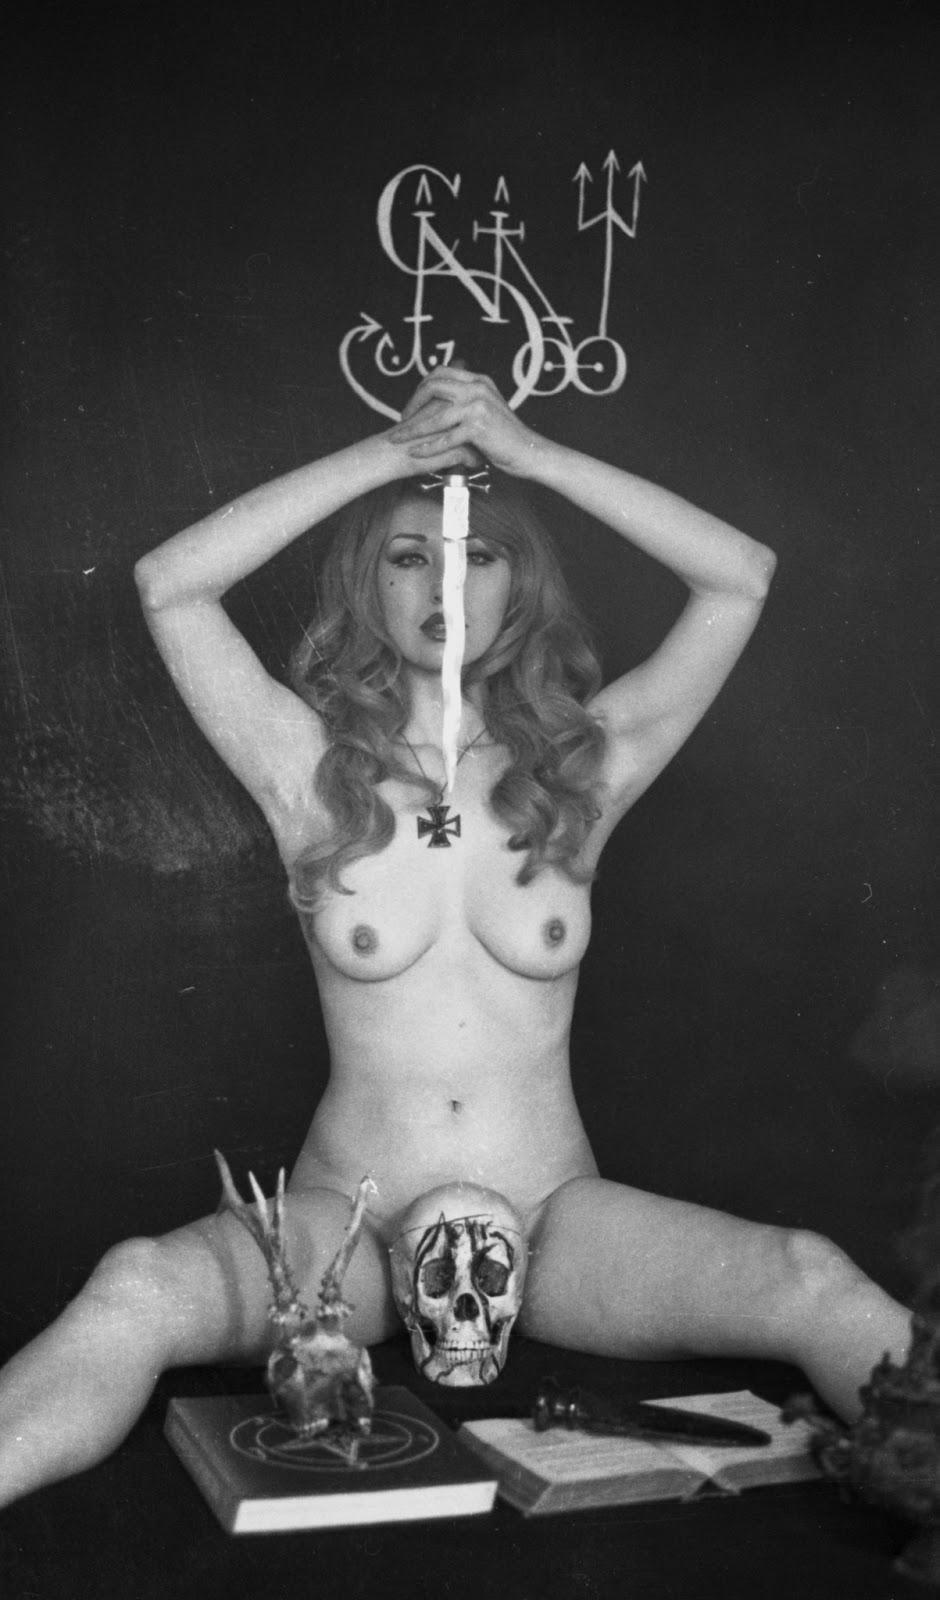 Смотреть черные ритуалы сатанистских секс культов black rituals of satanic sex cults 1970 17 фотография